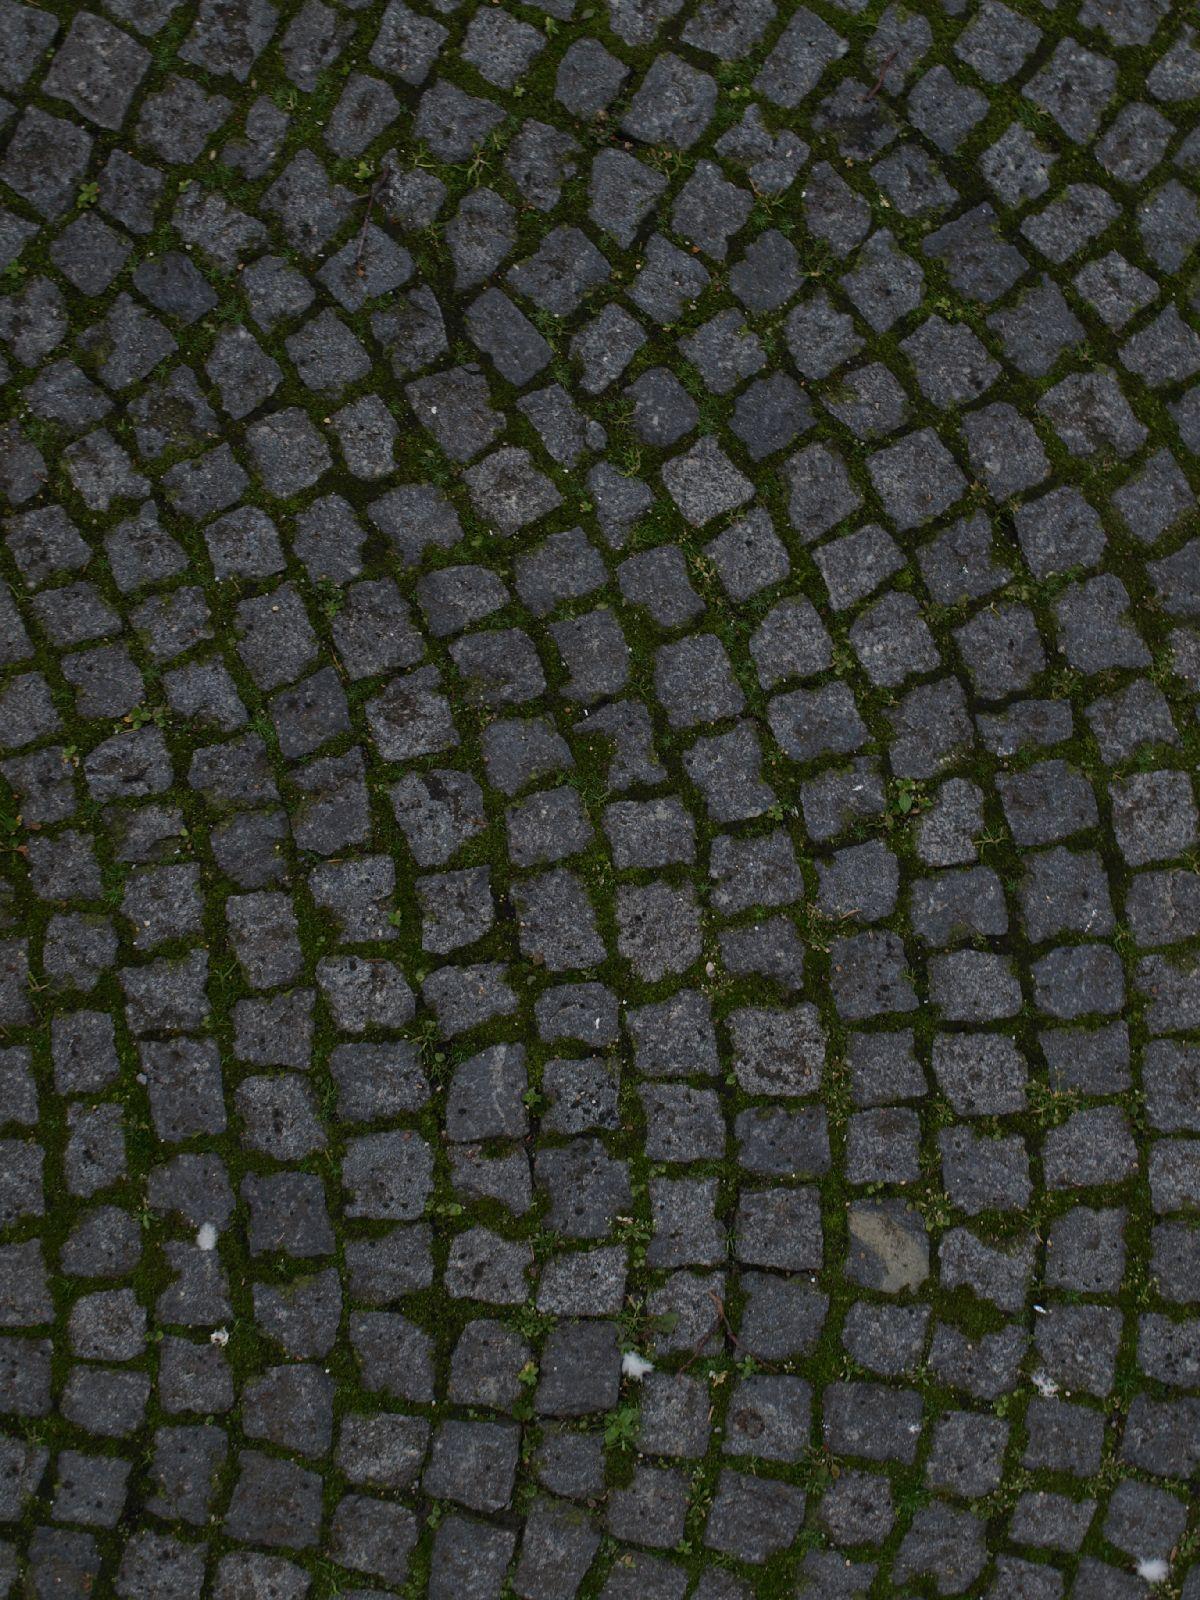 Ground-Urban_Texture_A_P4110625